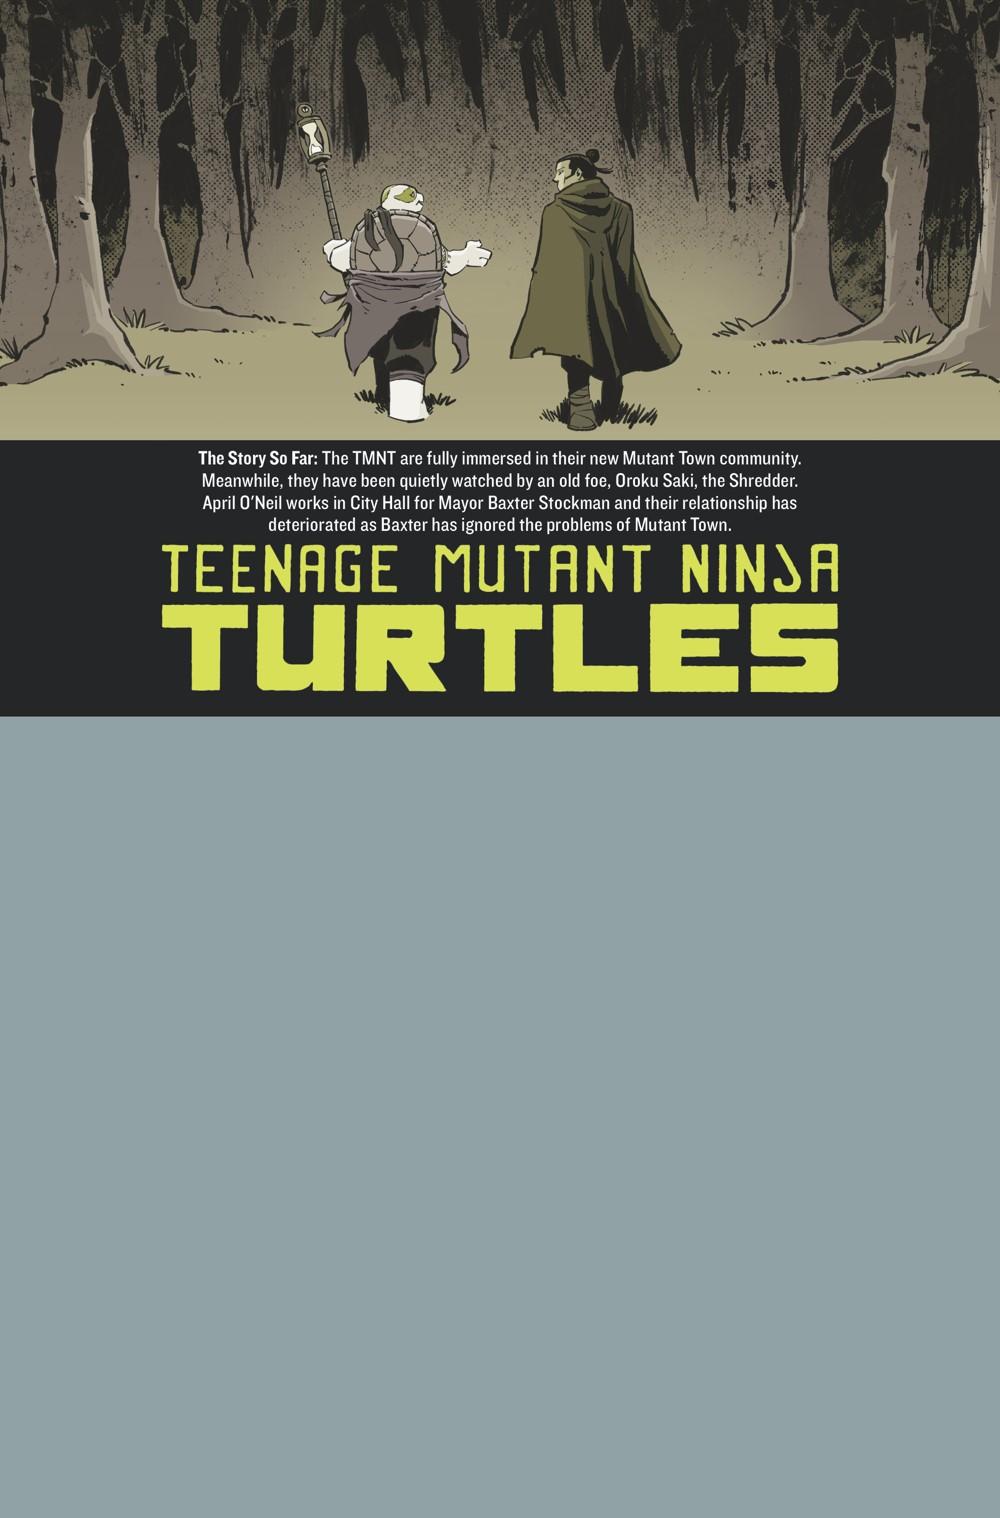 TMNT118_ifc ComicList Previews: TEENAGE MUTANT NINJA TURTLES #118